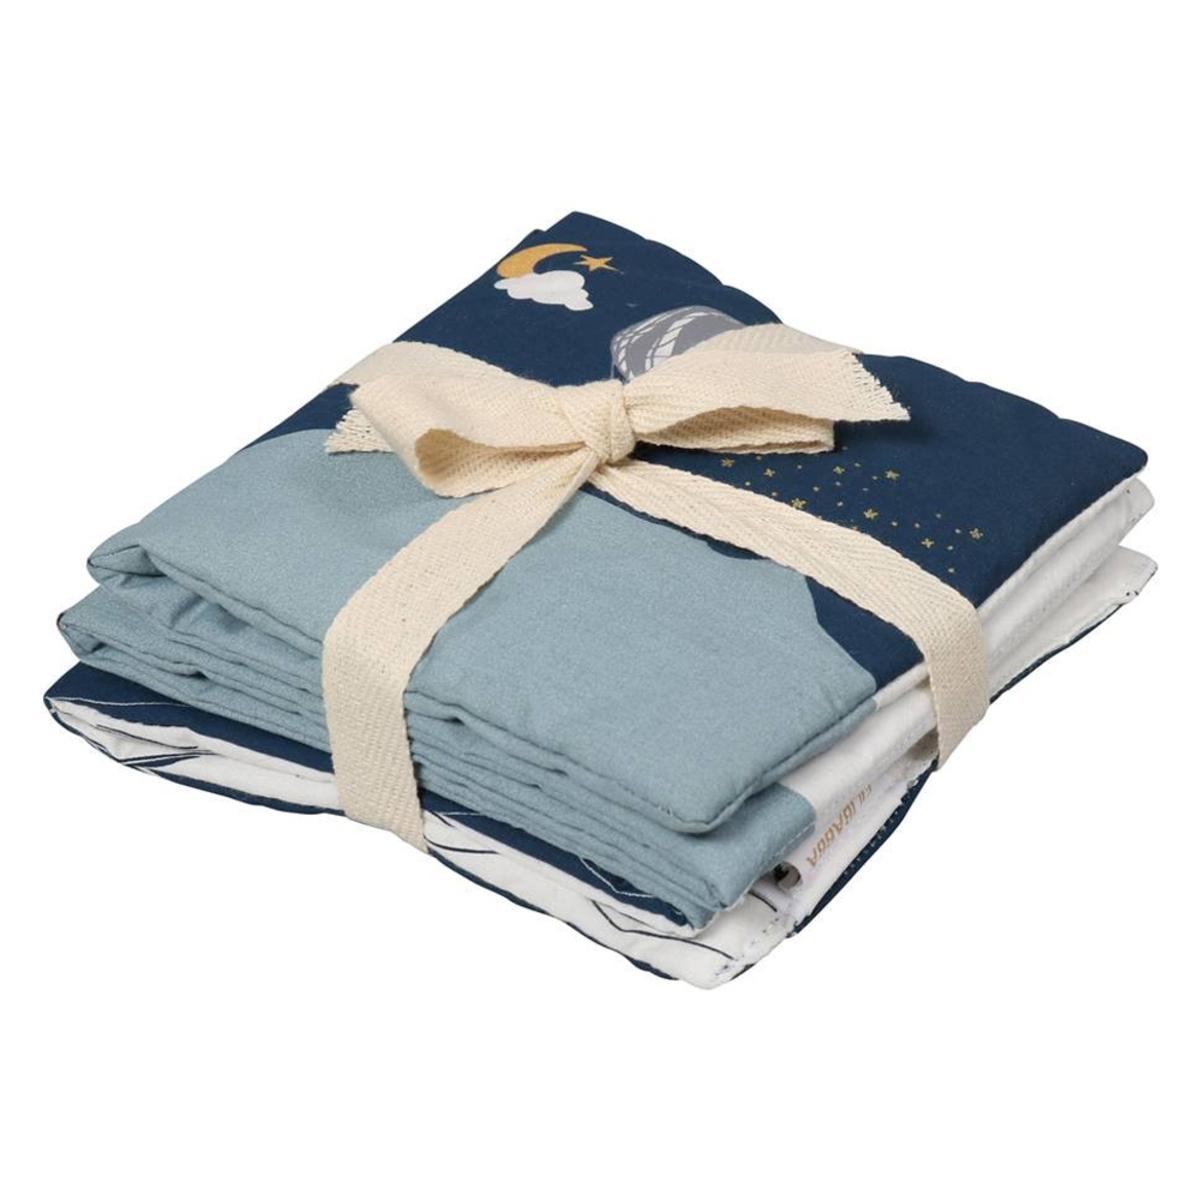 Livre & Carte Livre Textile Livre Textile